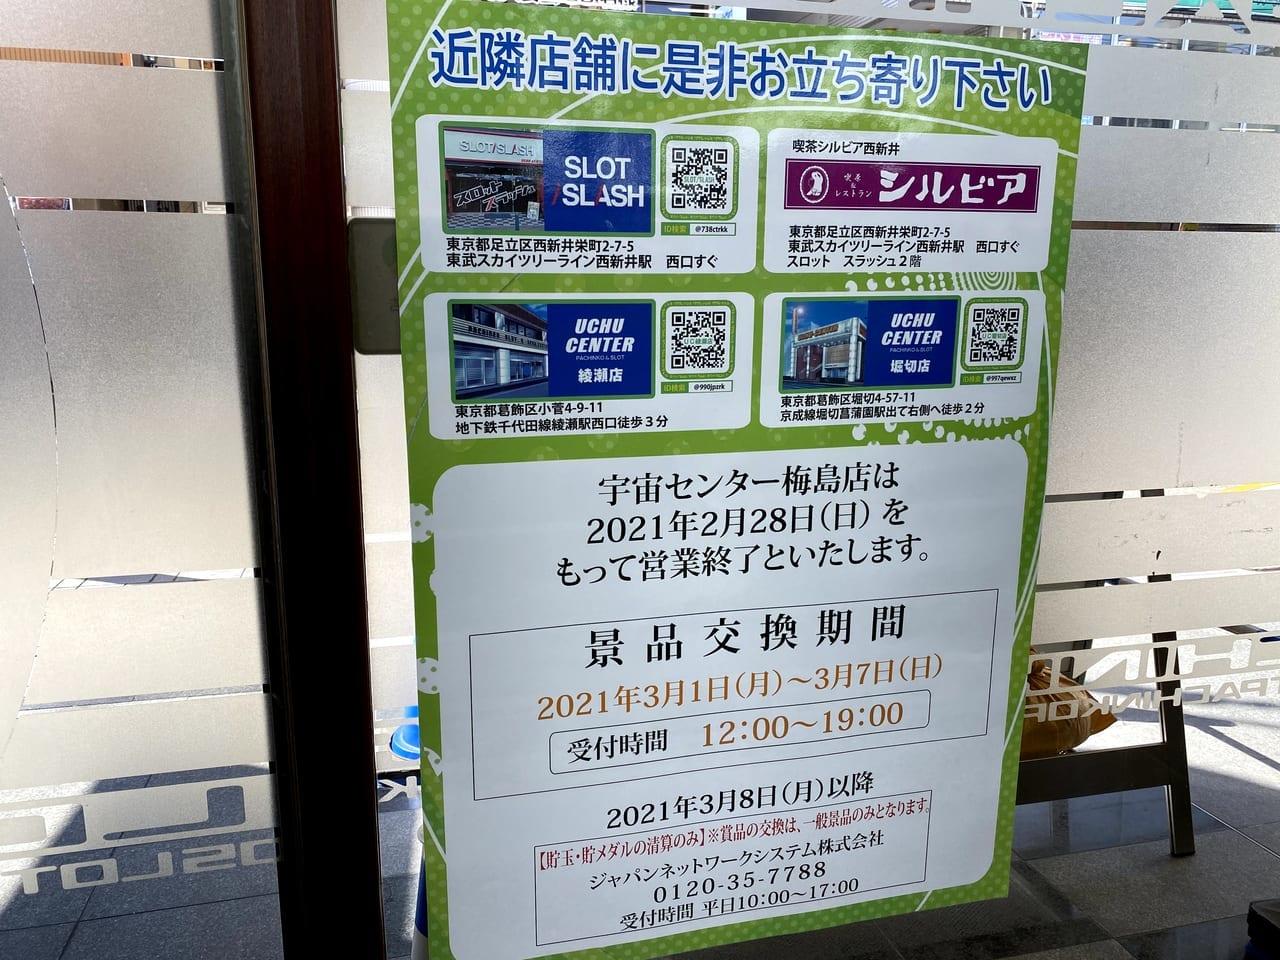 宇宙センター梅島店閉店